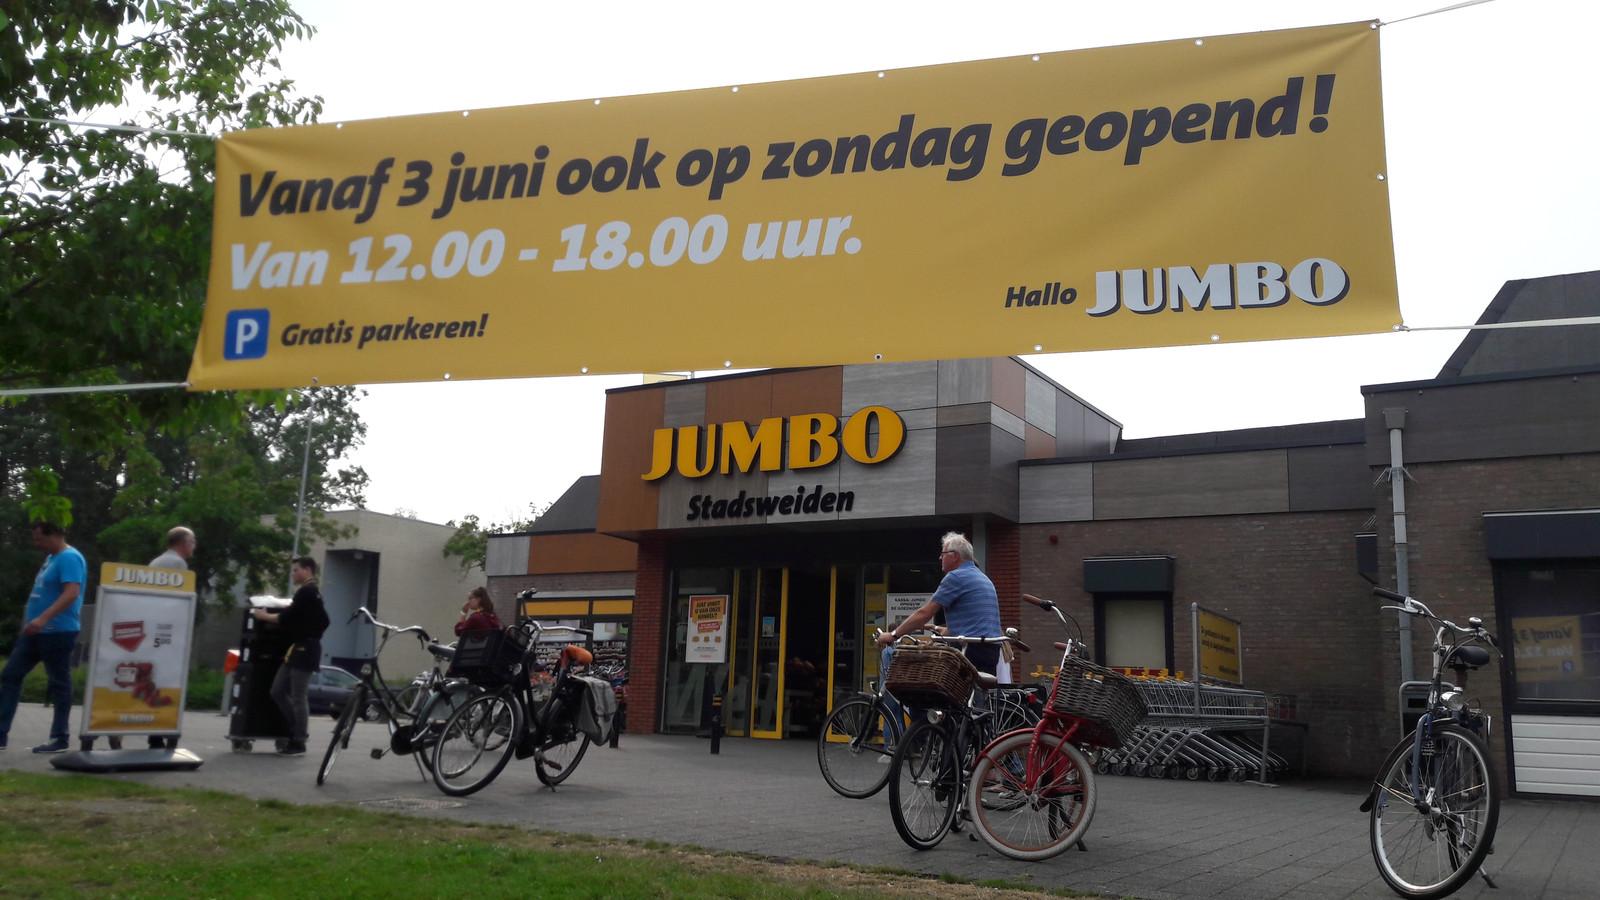 Het mag dit jaar vanaf 1 juni tot en met 30 september. De Jumbo in de wijk Stadsweiden springt daar direct op in.